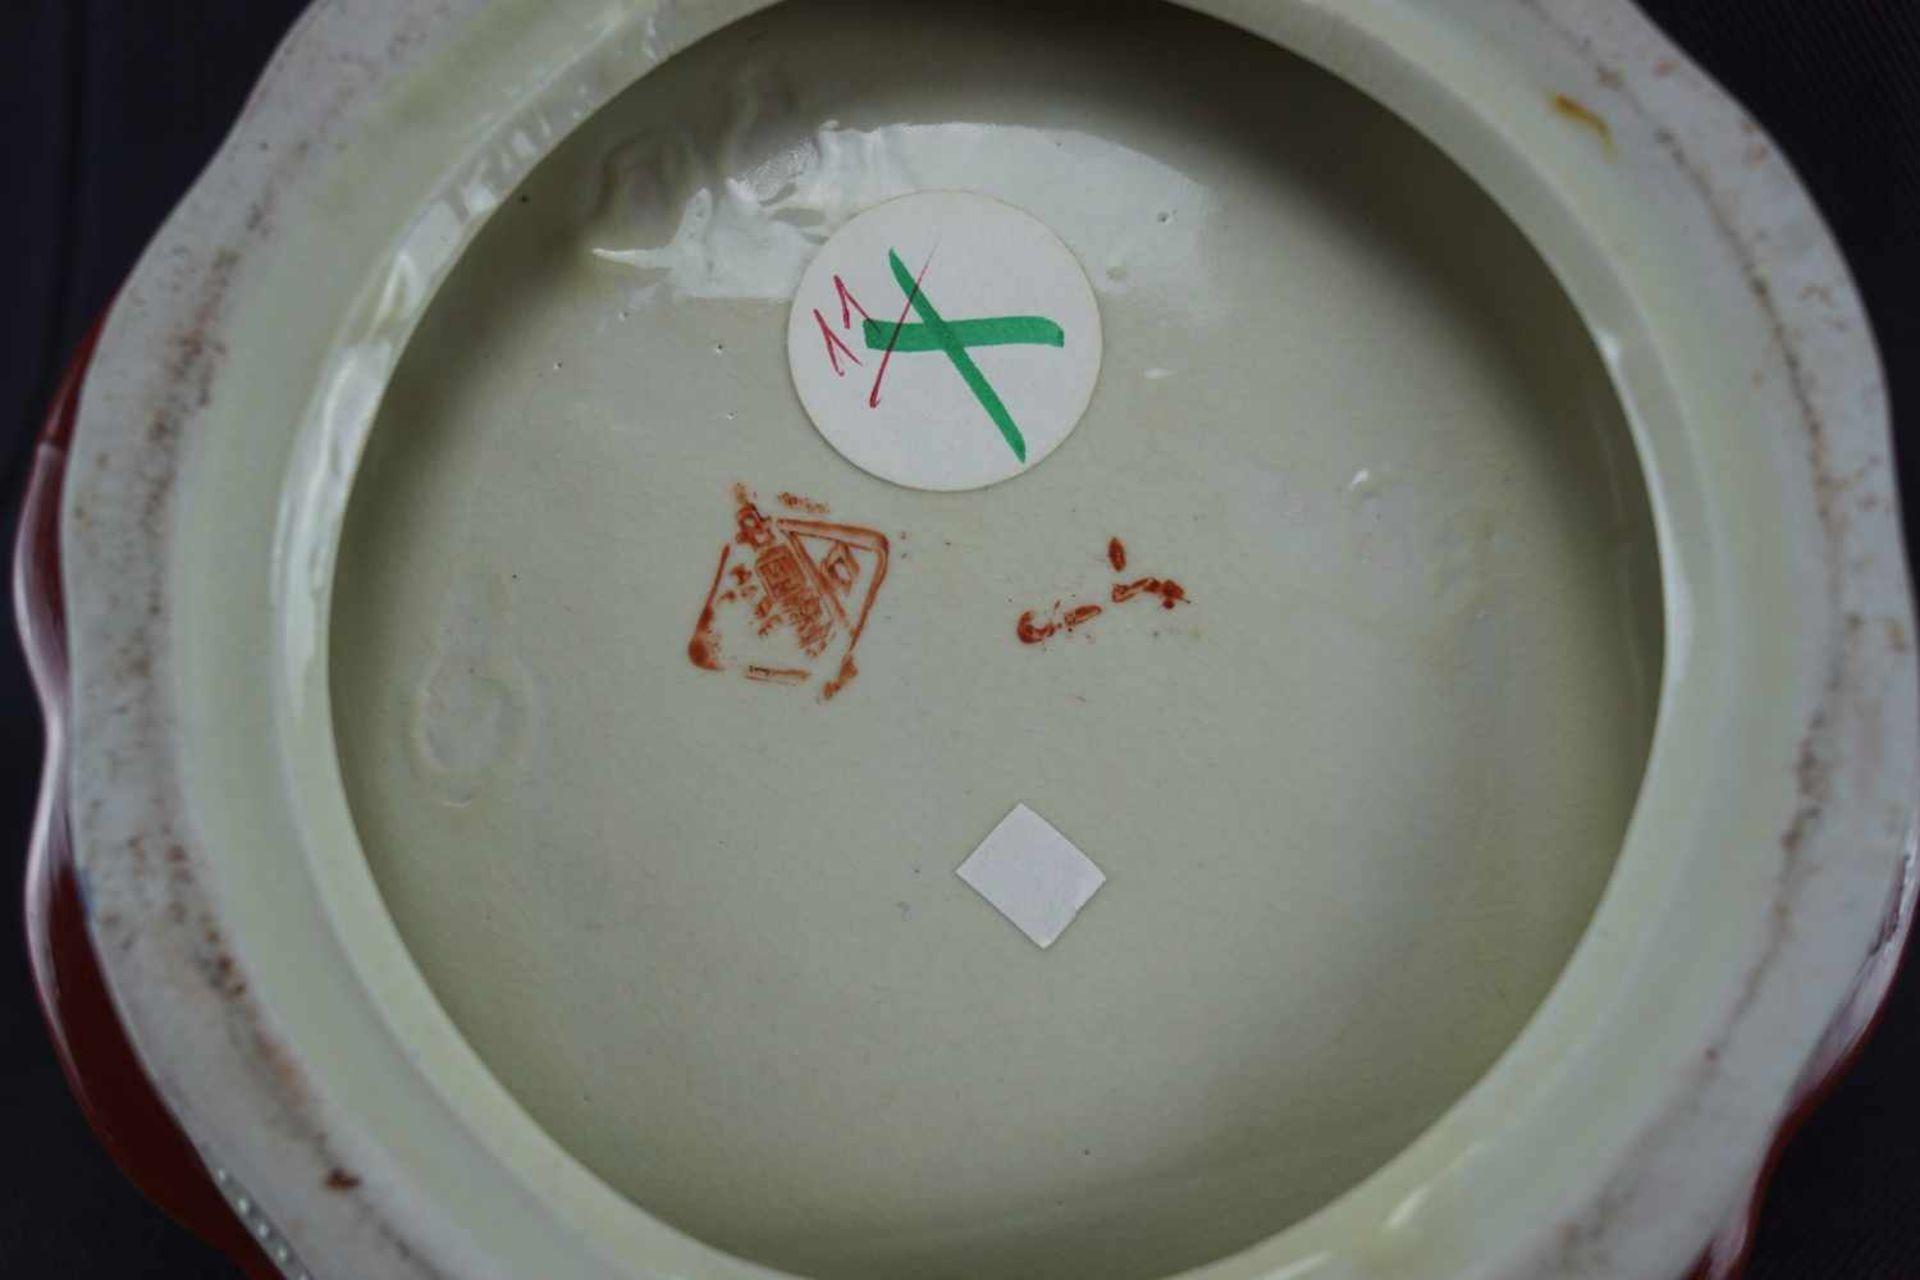 Henkelkorb beiger Scherben, innen mit Musikantenszene verziert, neuzeitlich, Höhe 21 cm x - Bild 3 aus 3